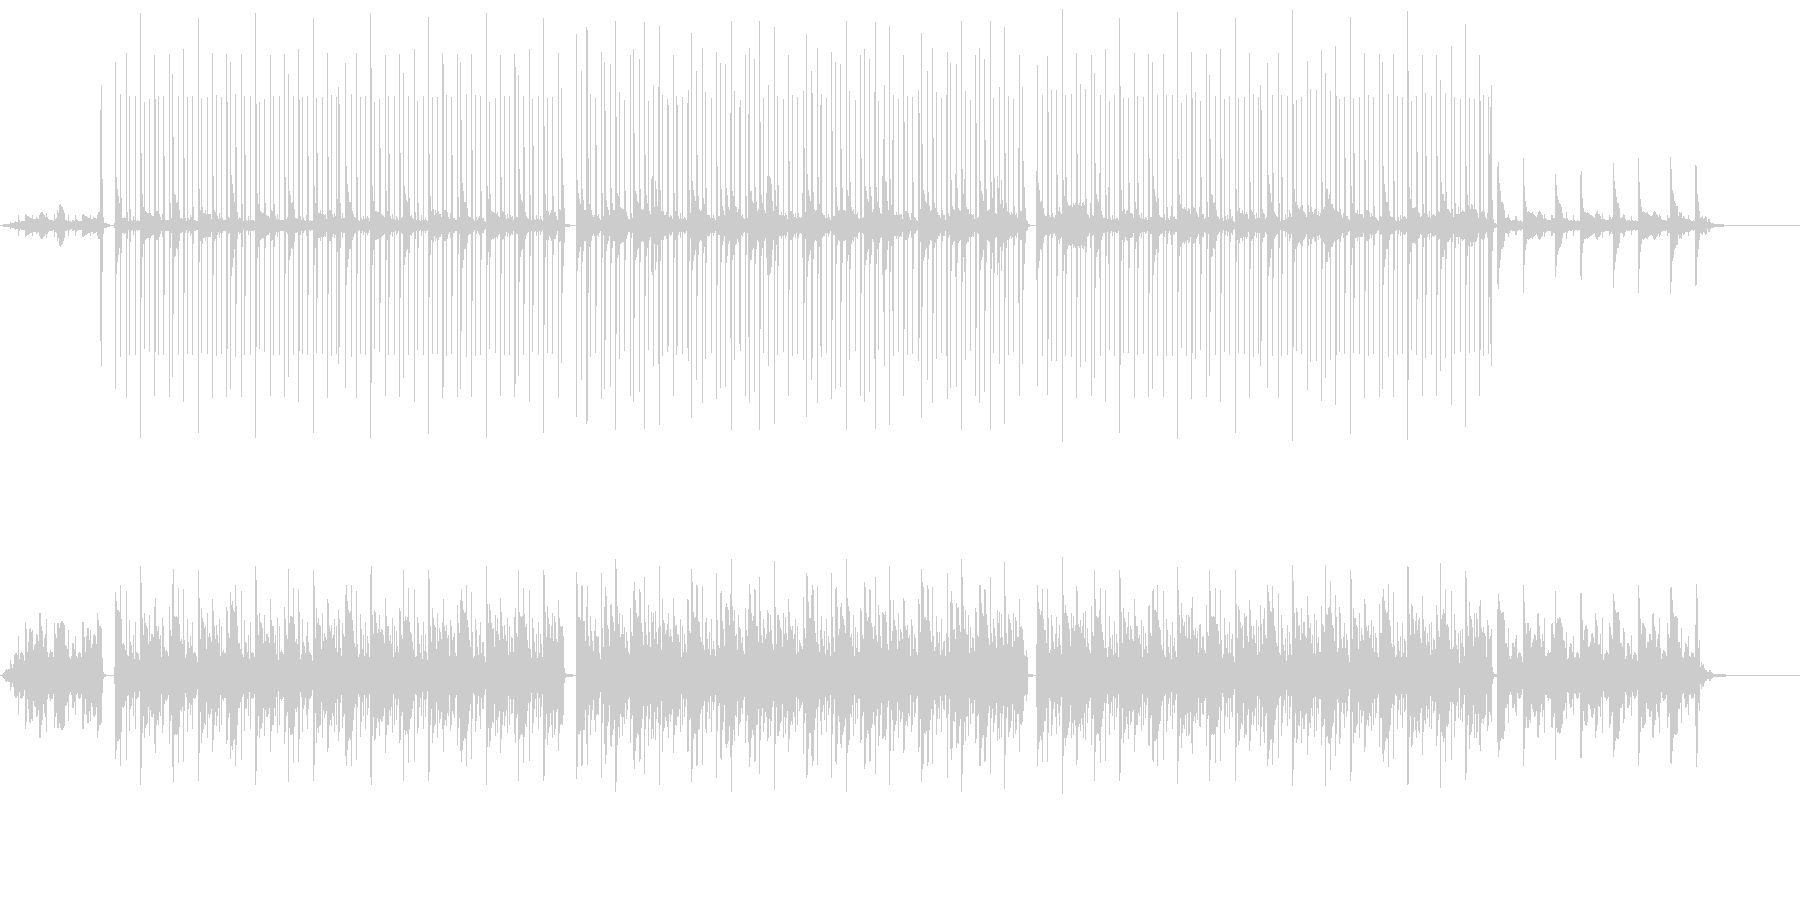 ダークな雰囲気のピアノ曲の未再生の波形